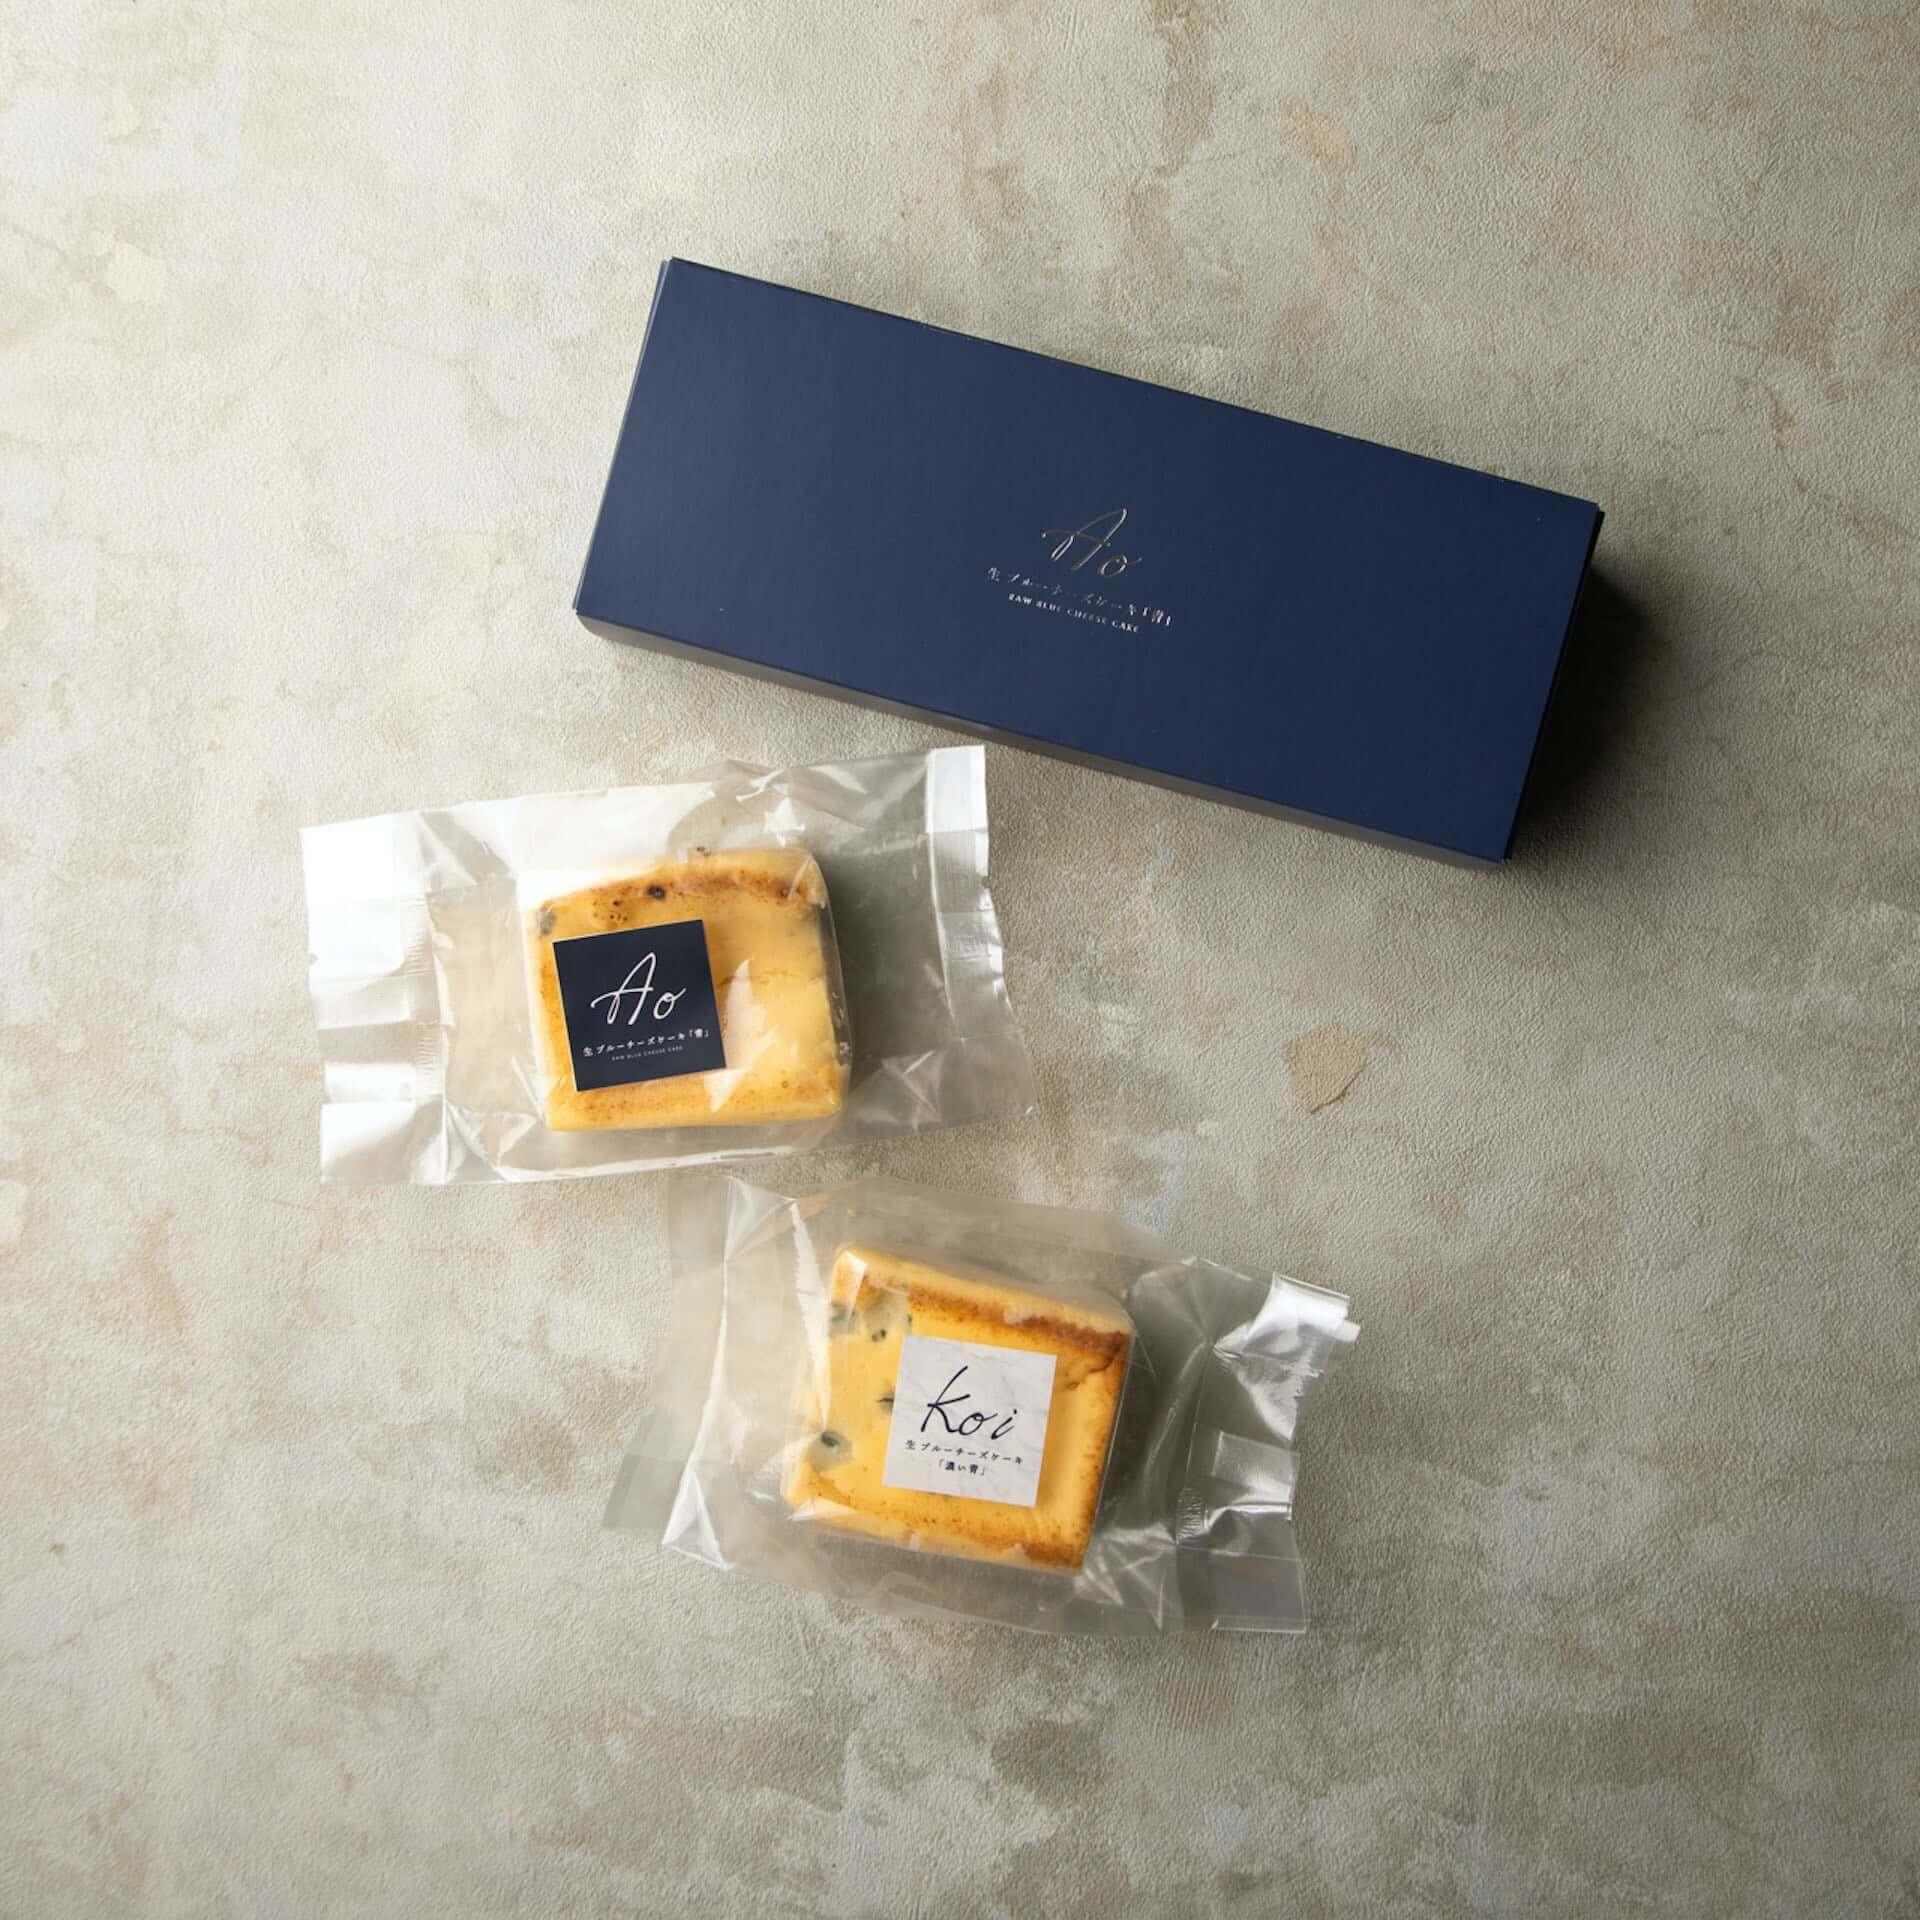 熟成ゴルゴンゾーラを使用した生ブルーチーズケーキ専門店「青」がルミネ立川に期間限定オープン!ホワイトデー企画も実施 gourmet210305_cheesecake-ao_2-1920x1920